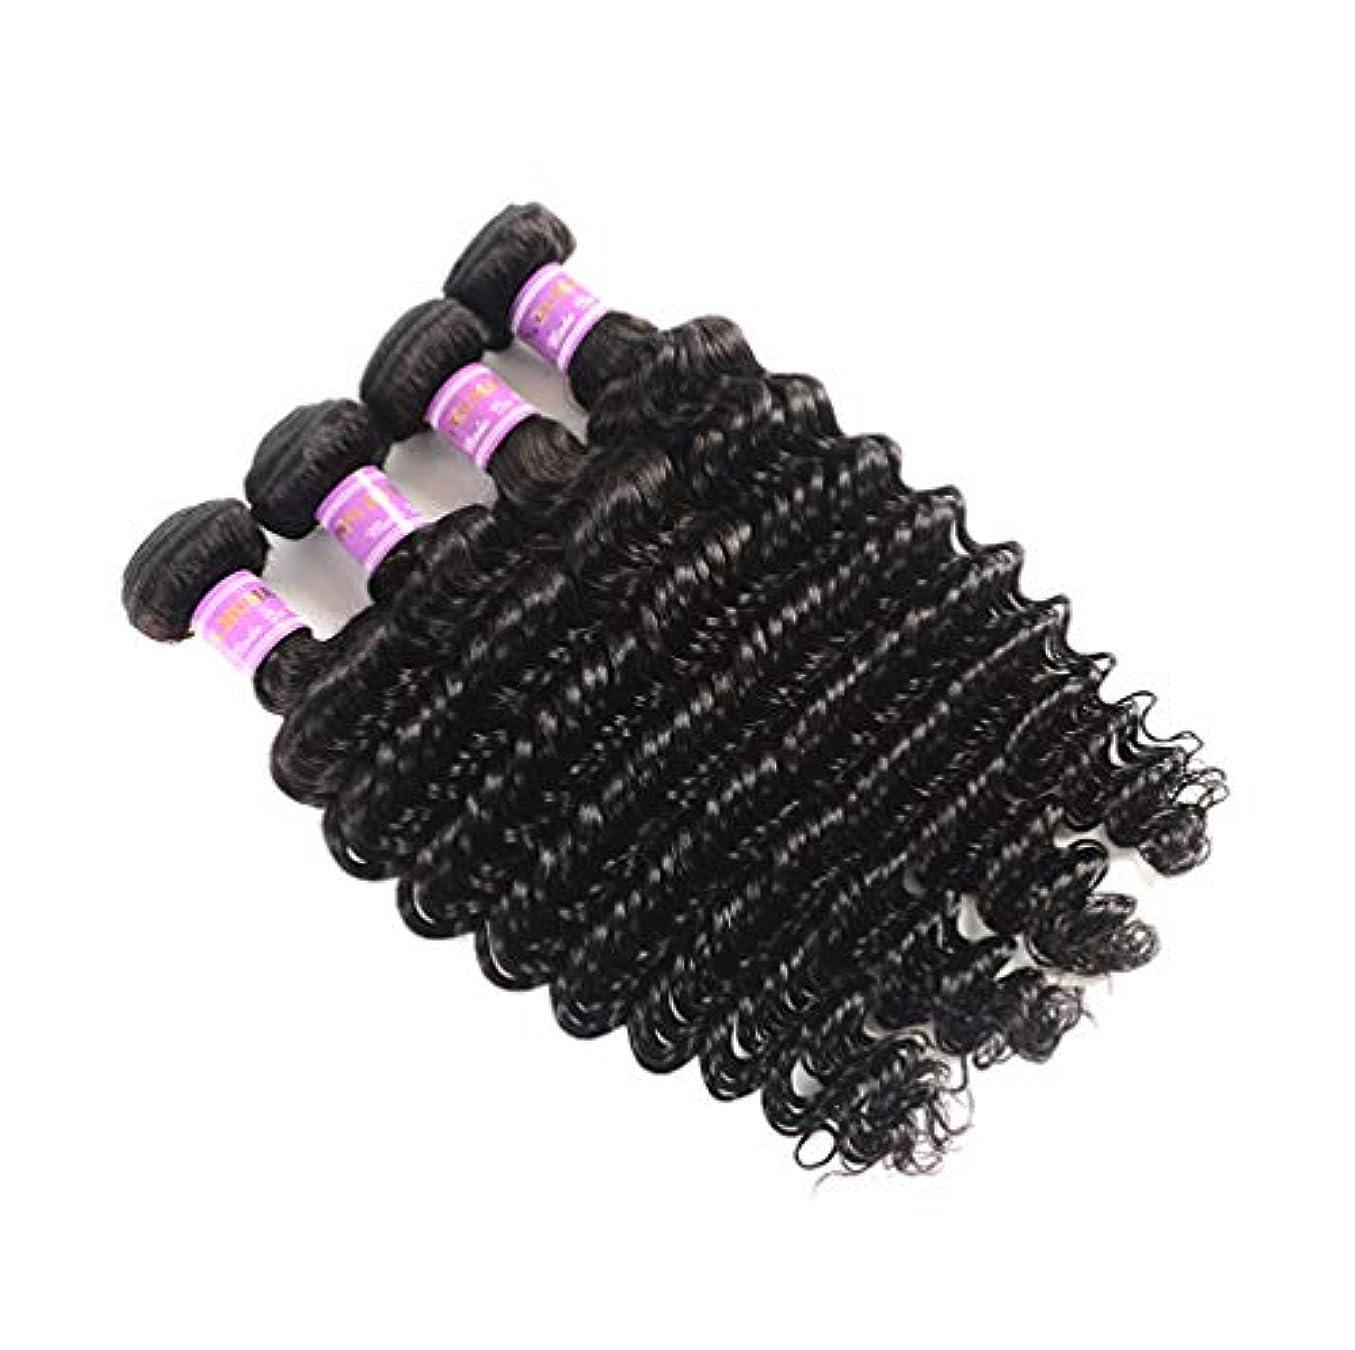 格差カフェパニック10A巻き毛3の束の人間の毛髪の織り方の未処理のマレーシアのバージンのRemyの毛延長自然で黒い色